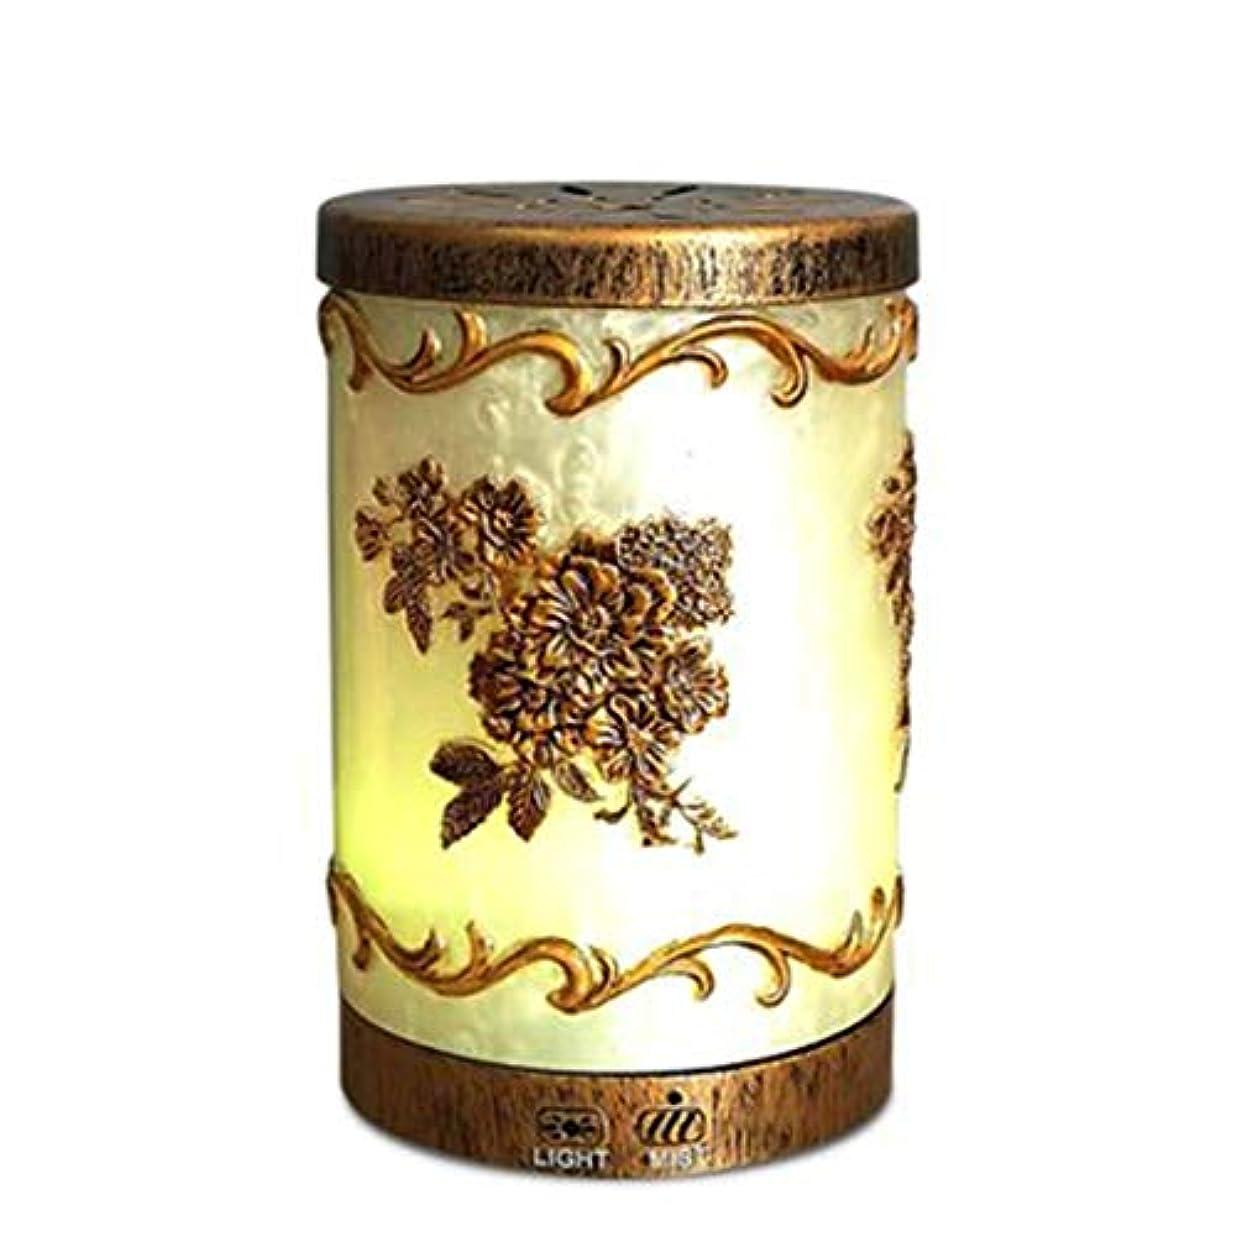 お客様午後禁止する多彩な芳香ランプ、超音波機械、理性的な古典的な浮彫りにされたパターン拡散器の器械 (Color : Natural)